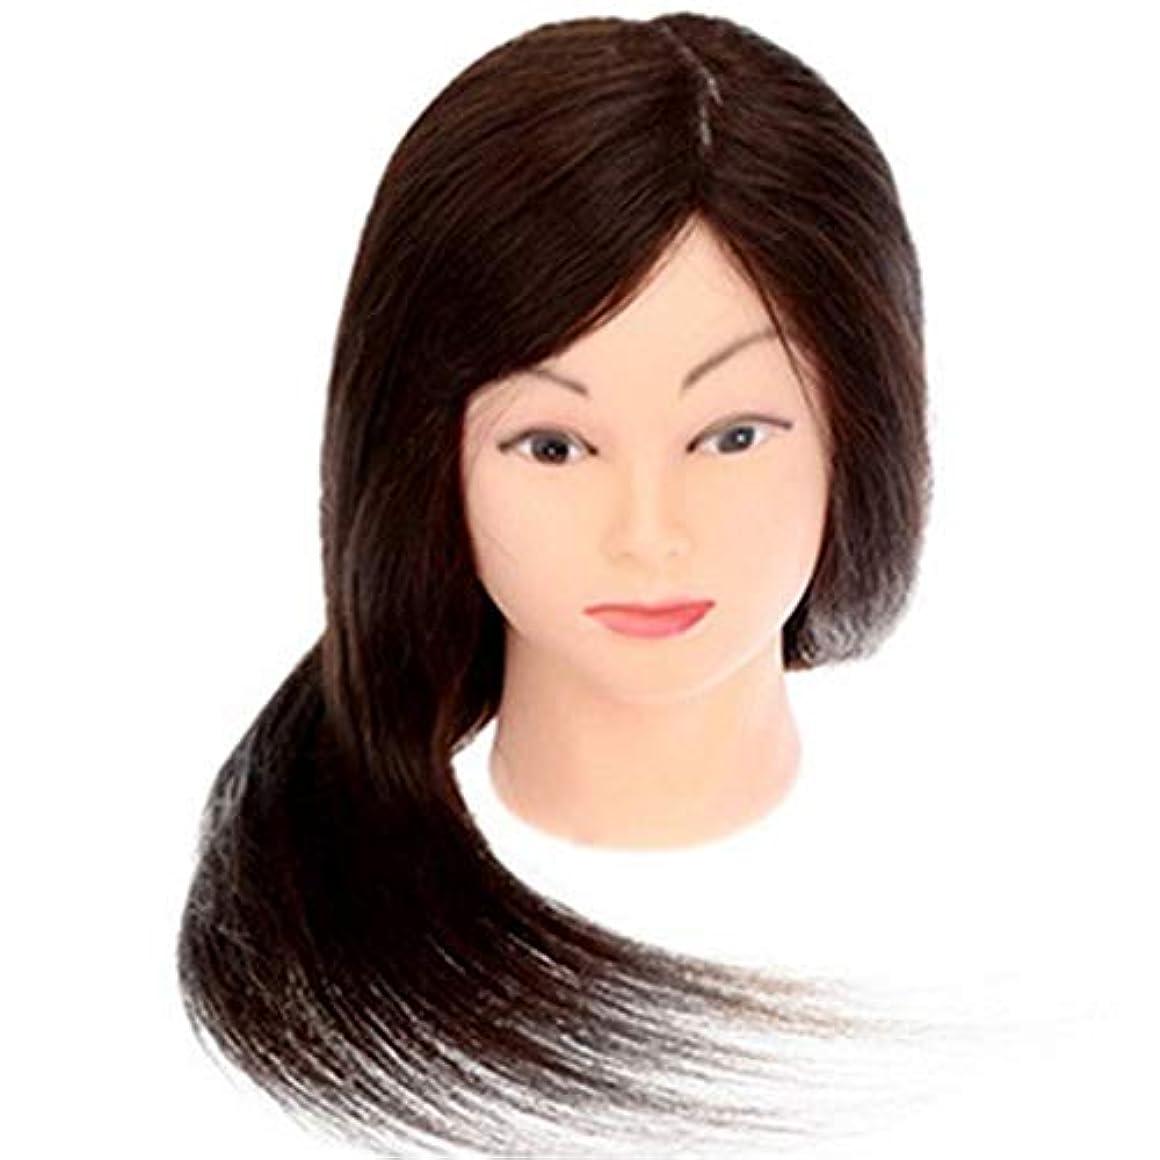 ベルト精神課税メイクアップエクササイズディスク髪編組ヘッド金型デュアルユースダミーヘッドモデルヘッド美容ヘアカットティーチングヘッドかつら